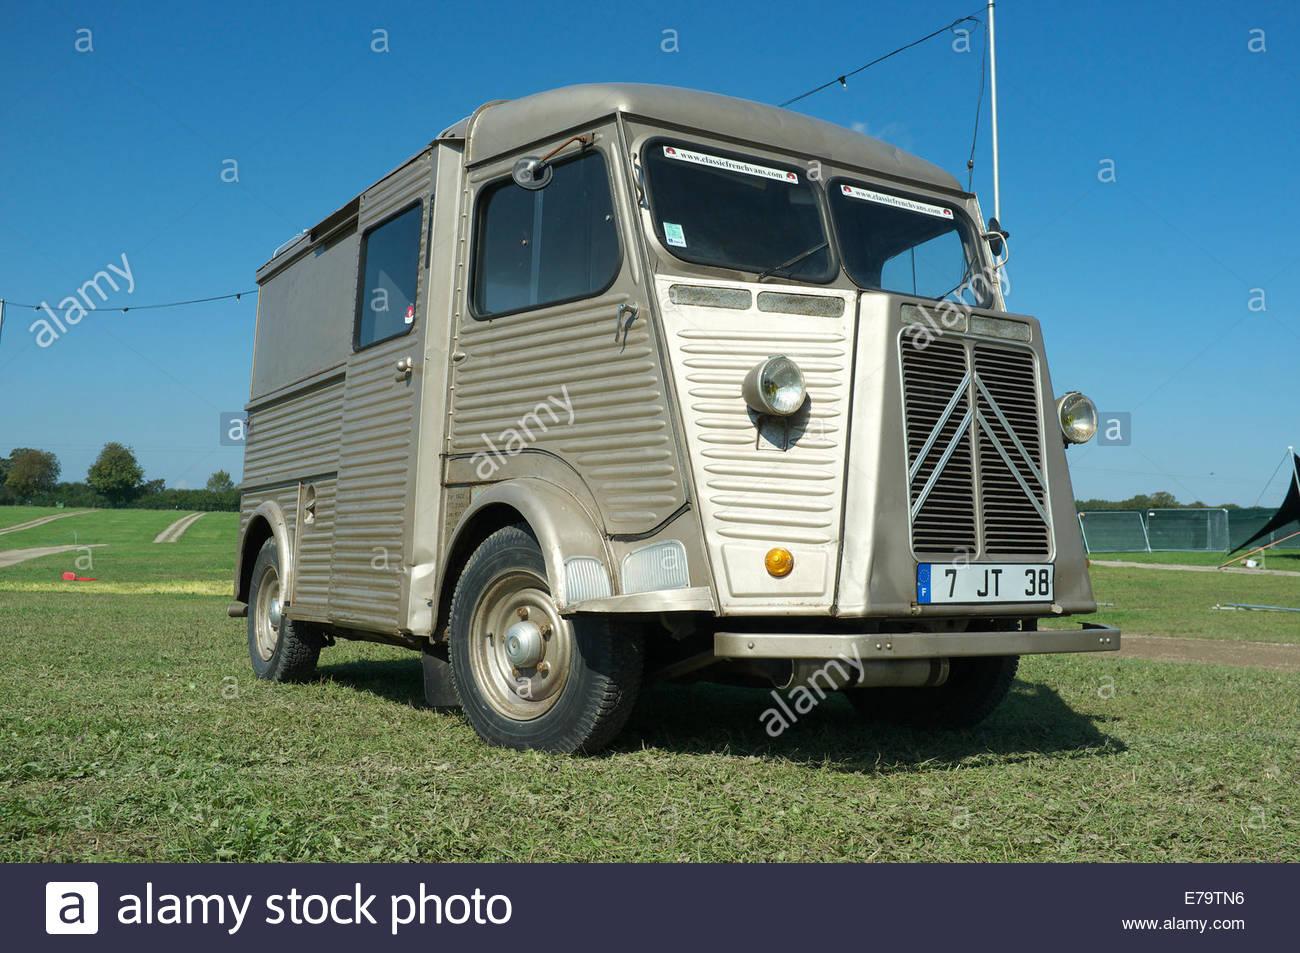 h vans catering